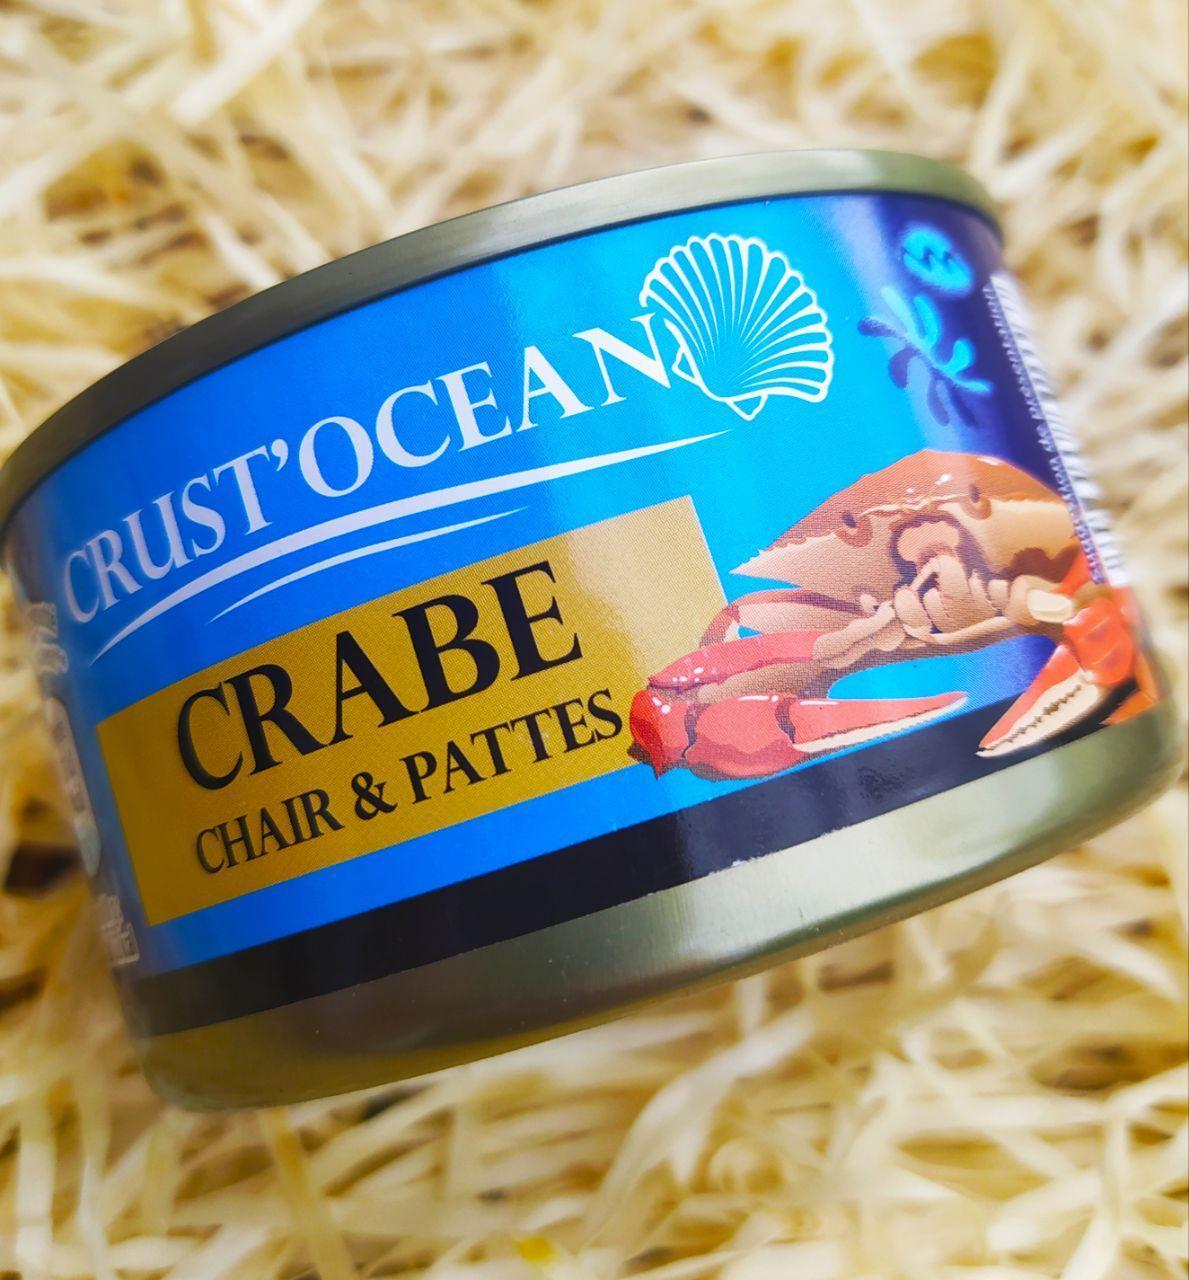 Краби консервовані Crust'Ocean 200 г Франція